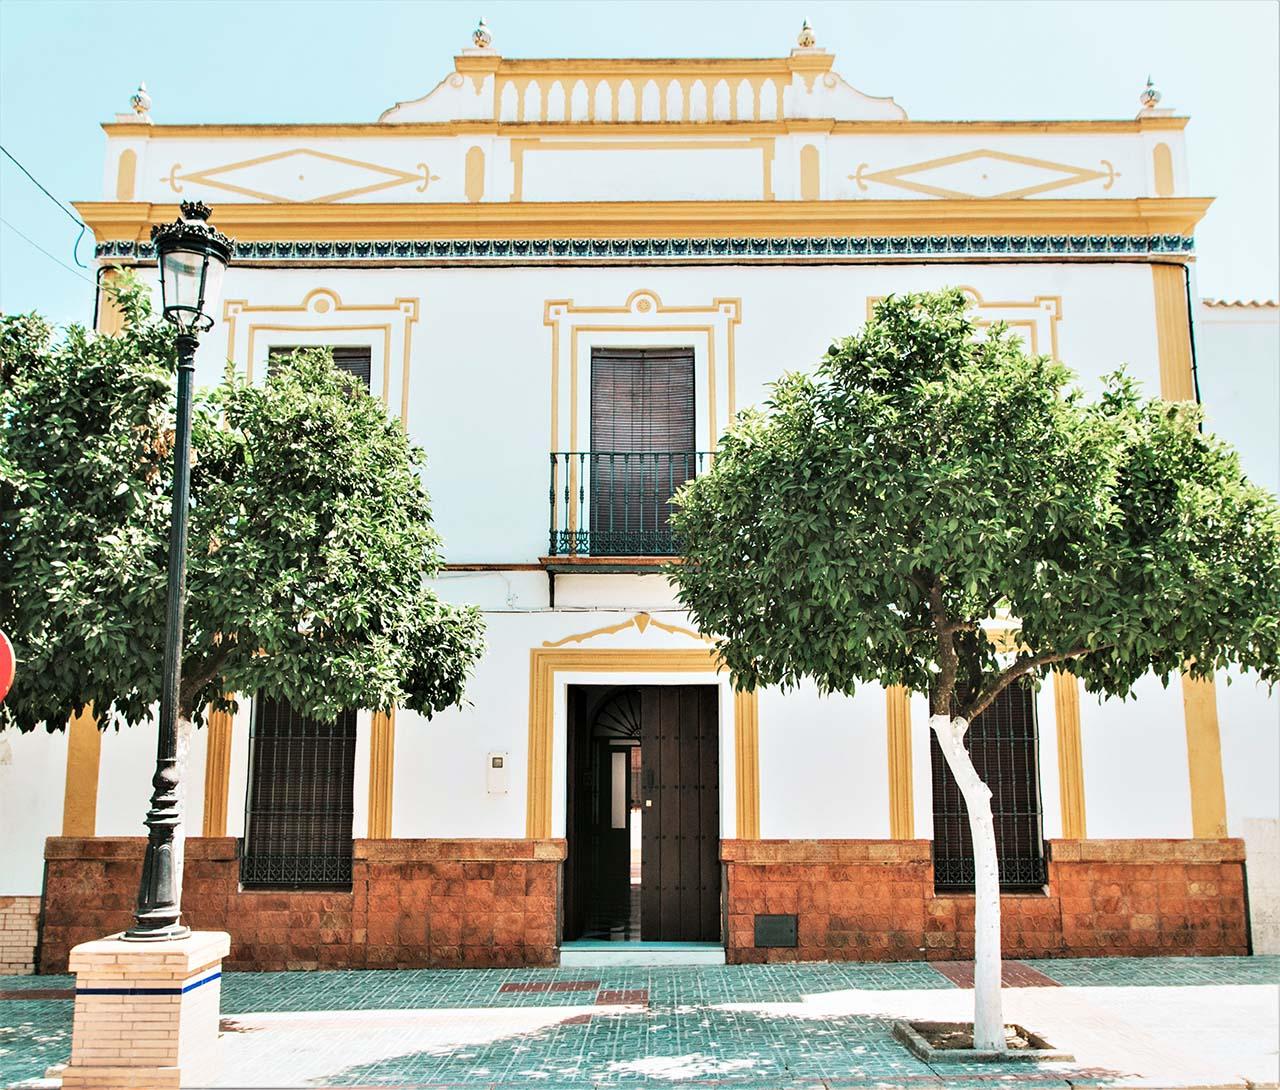 Alquiler de Casa Leal en La Puebla de los Infantes, Sevilla.